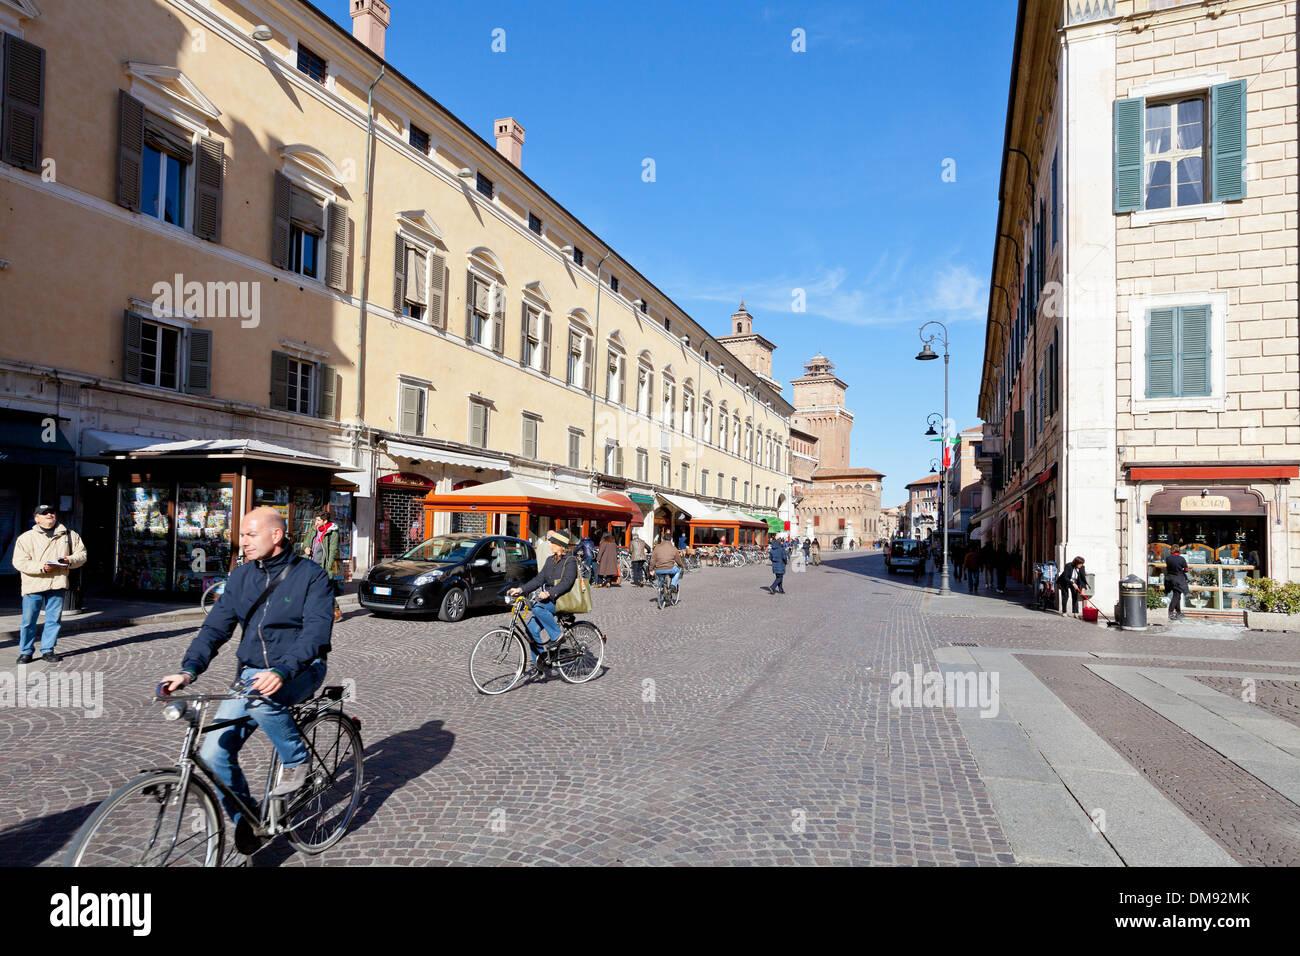 panorama of Corso Martiri della Liberta in Ferrara, Italy - Stock Image